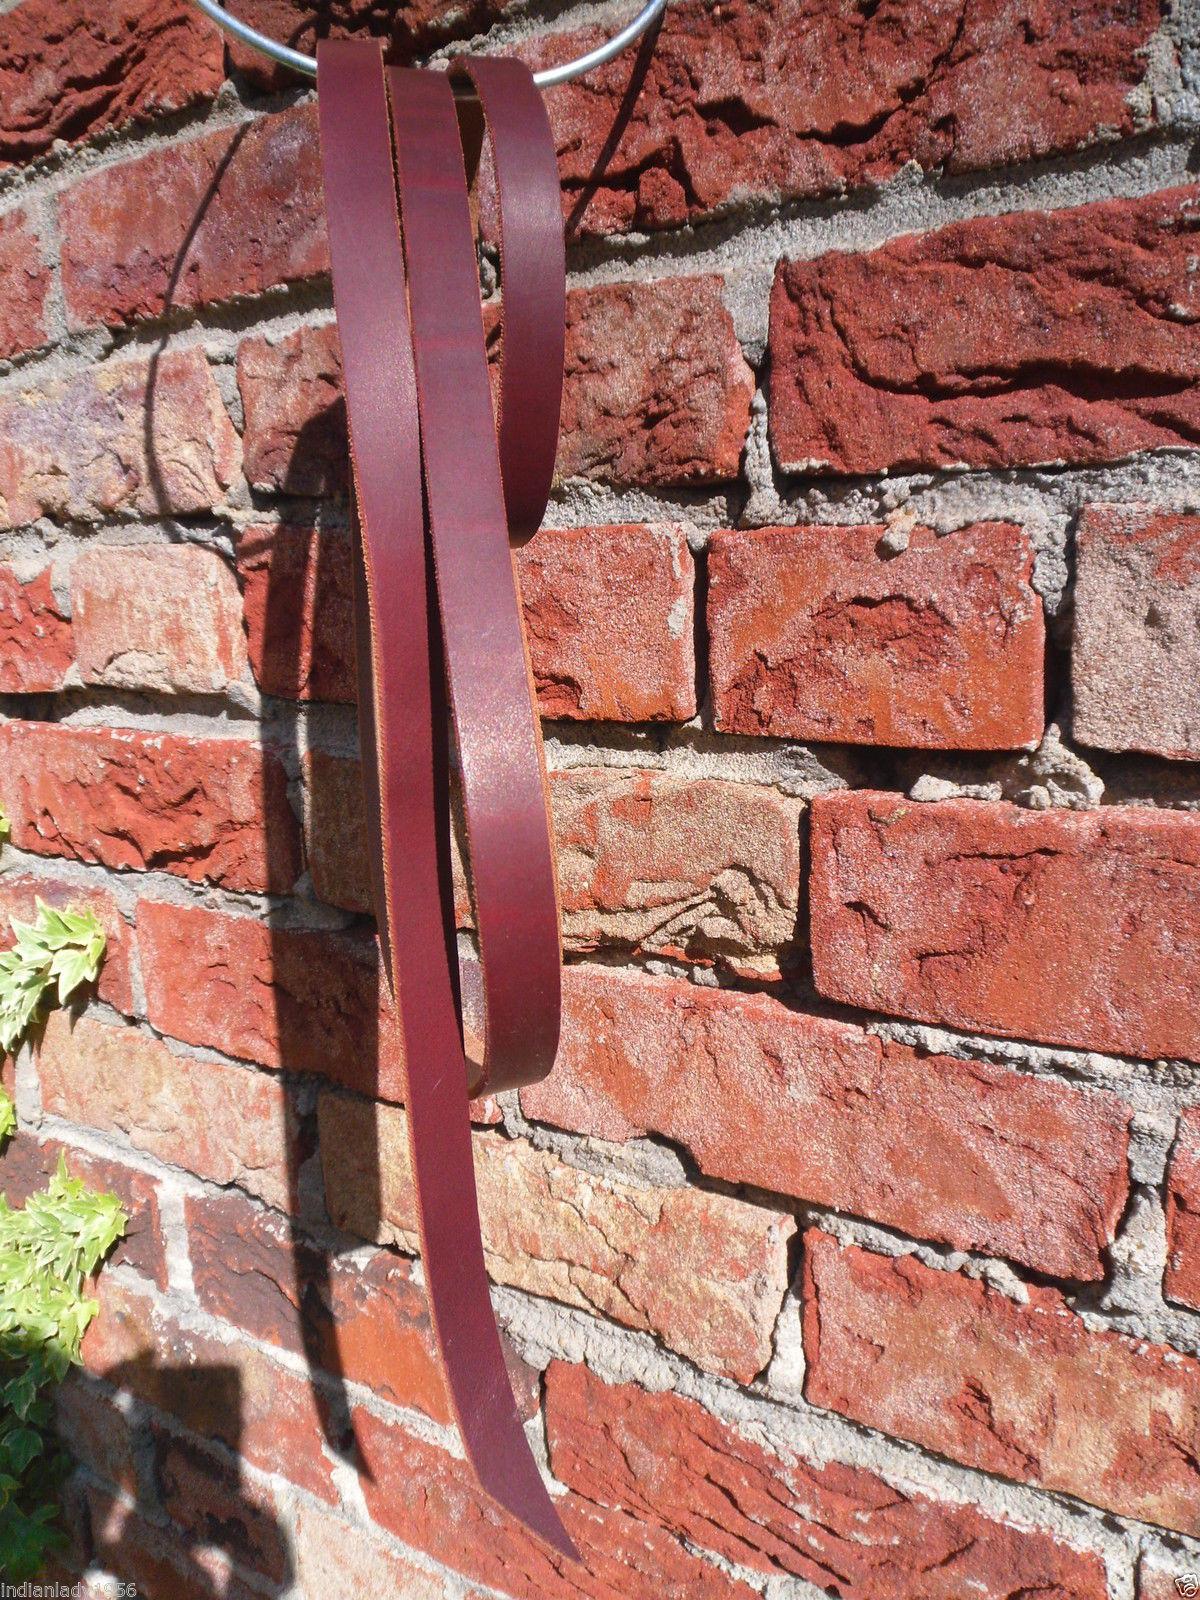 String Latigo für Sättel z.B. zur Jackenbefestigung ect.